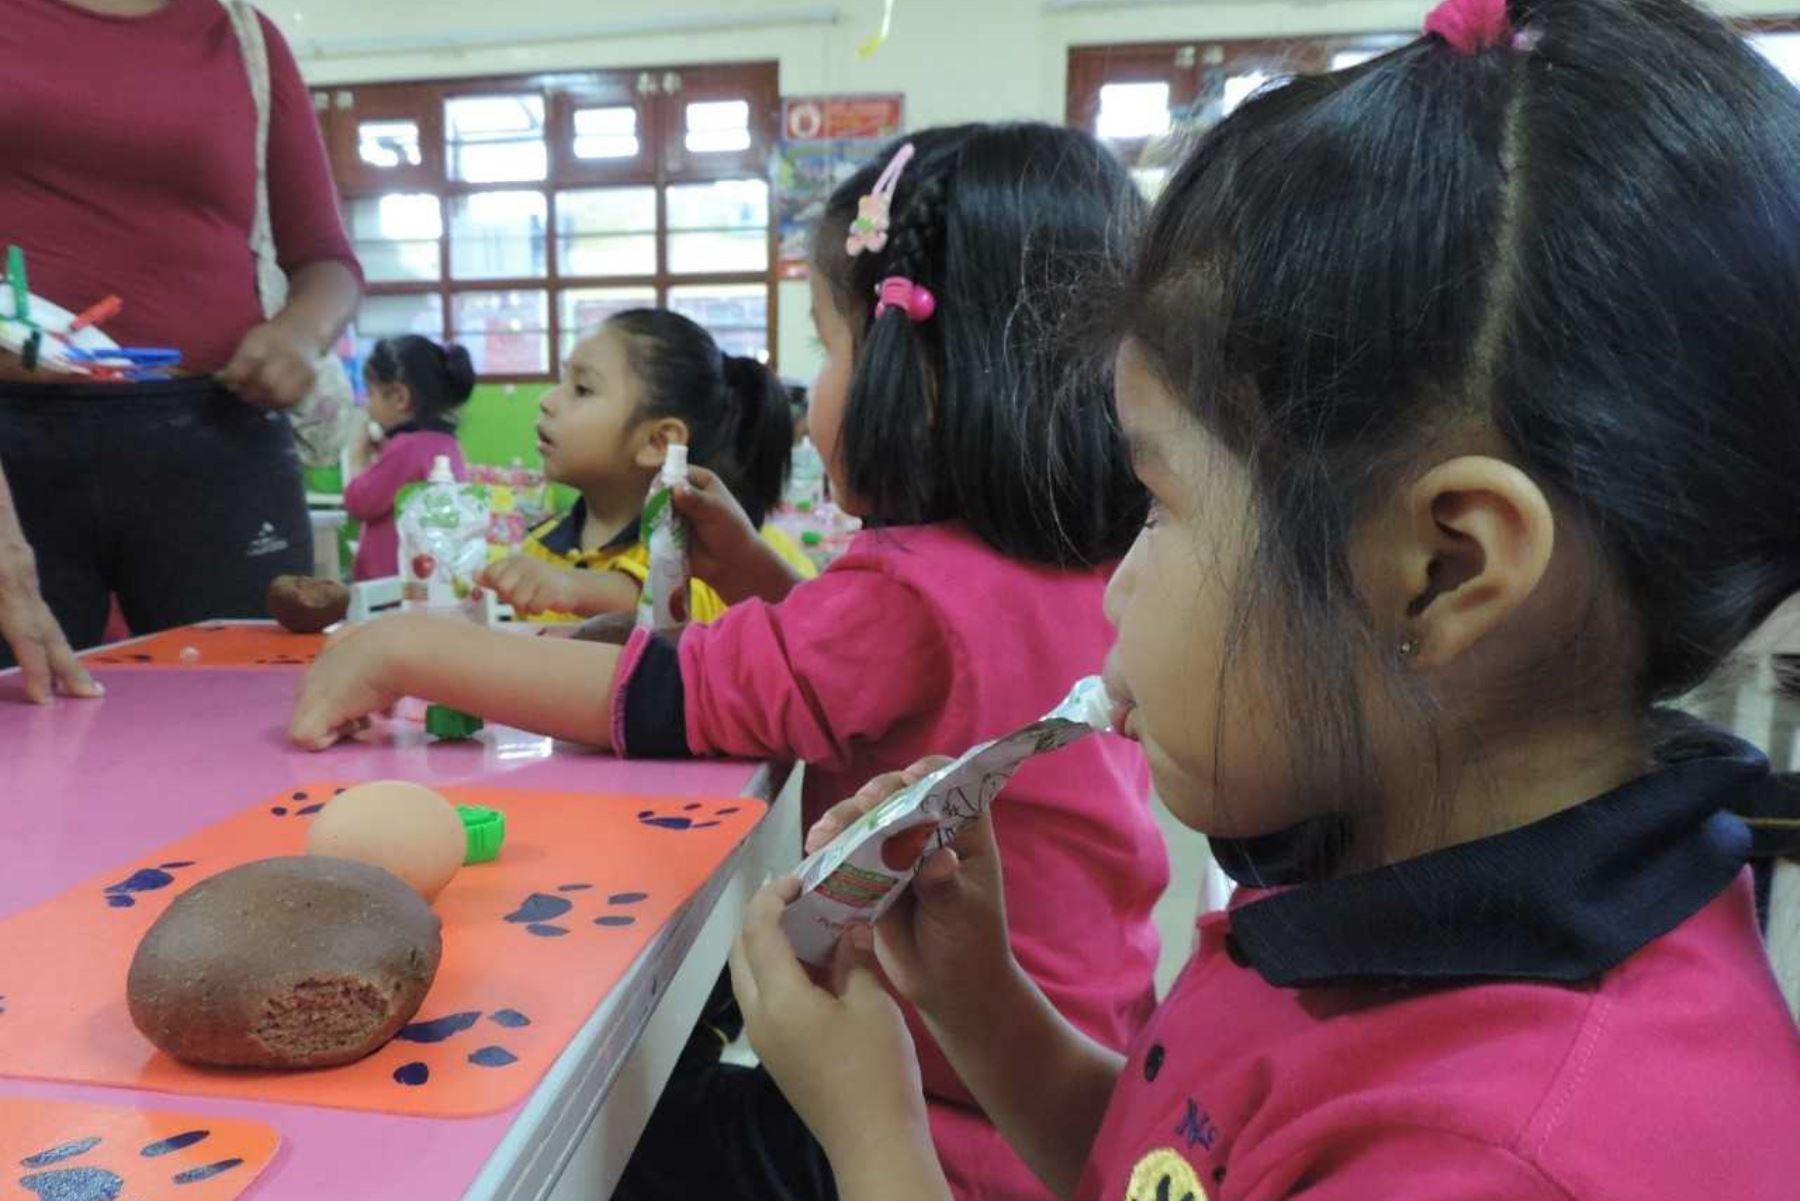 El Ministerio de Desarrollo e Inclusión Social (Midis), a través del Programa Nacional de Alimentación Escolar Qali Warma, incluyó el pan fortificado con sangrecita en los desayunos escolares, de la modalidad raciones, que se distribuyen en Ilo y Moquegua.